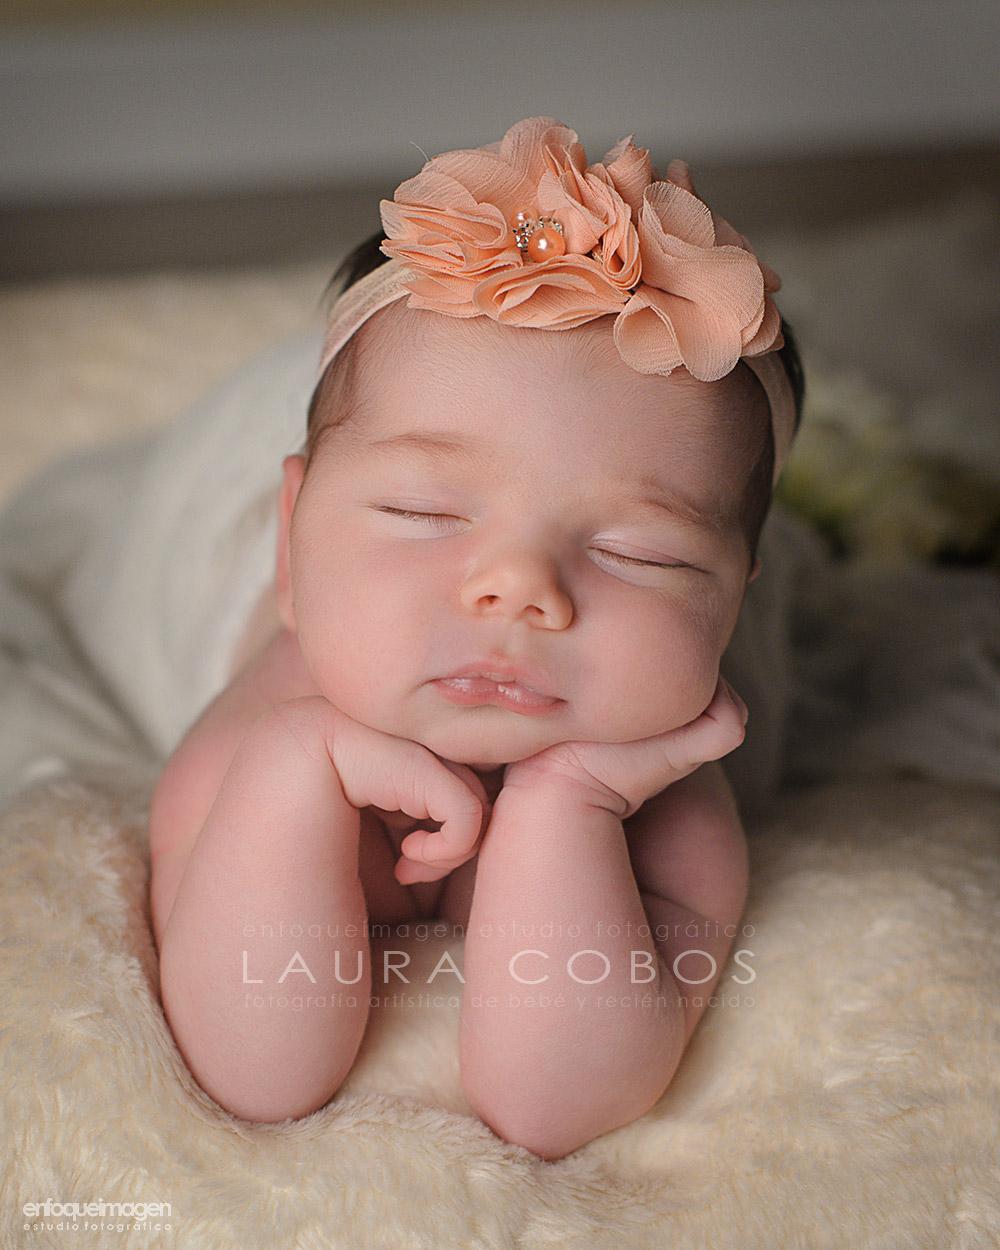 fotografía artistica bebé Málaga, recien nacido, newborn, laura cobos